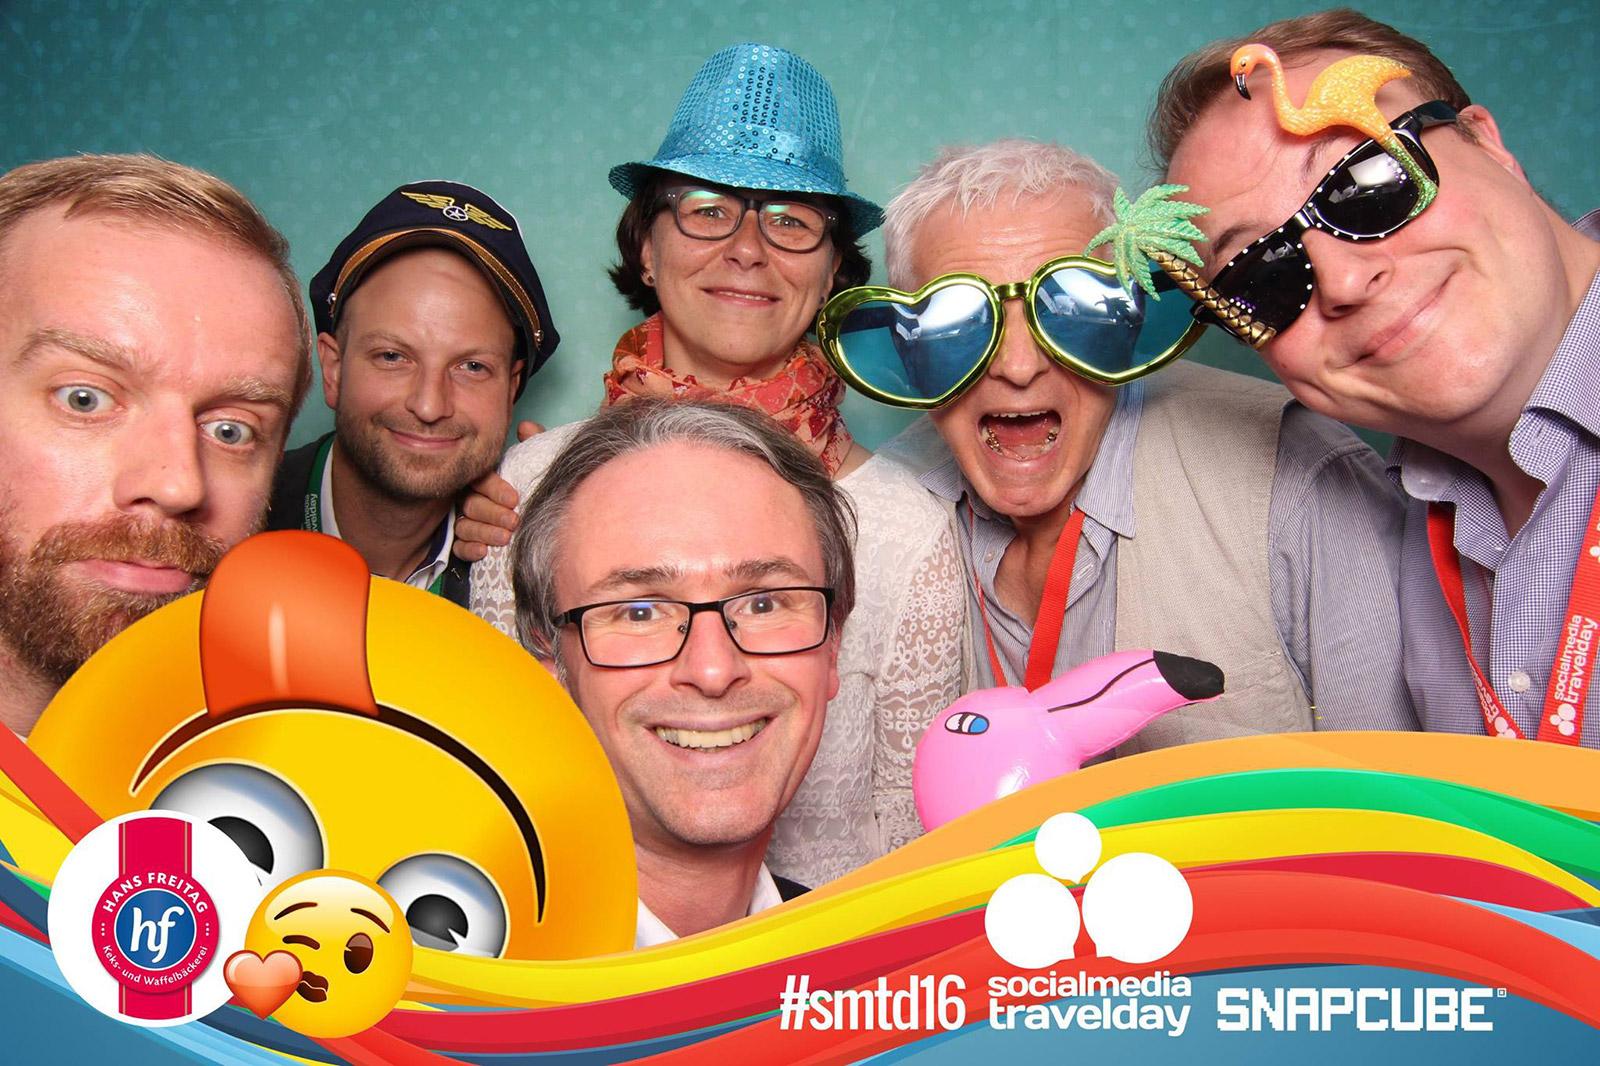 Speaker beim social media travel day 2016: Norbert Brema, Florian Castlunger, Günter Exel, Kristine Honig, Franz-Josef Baldus und Joachim Schmidt